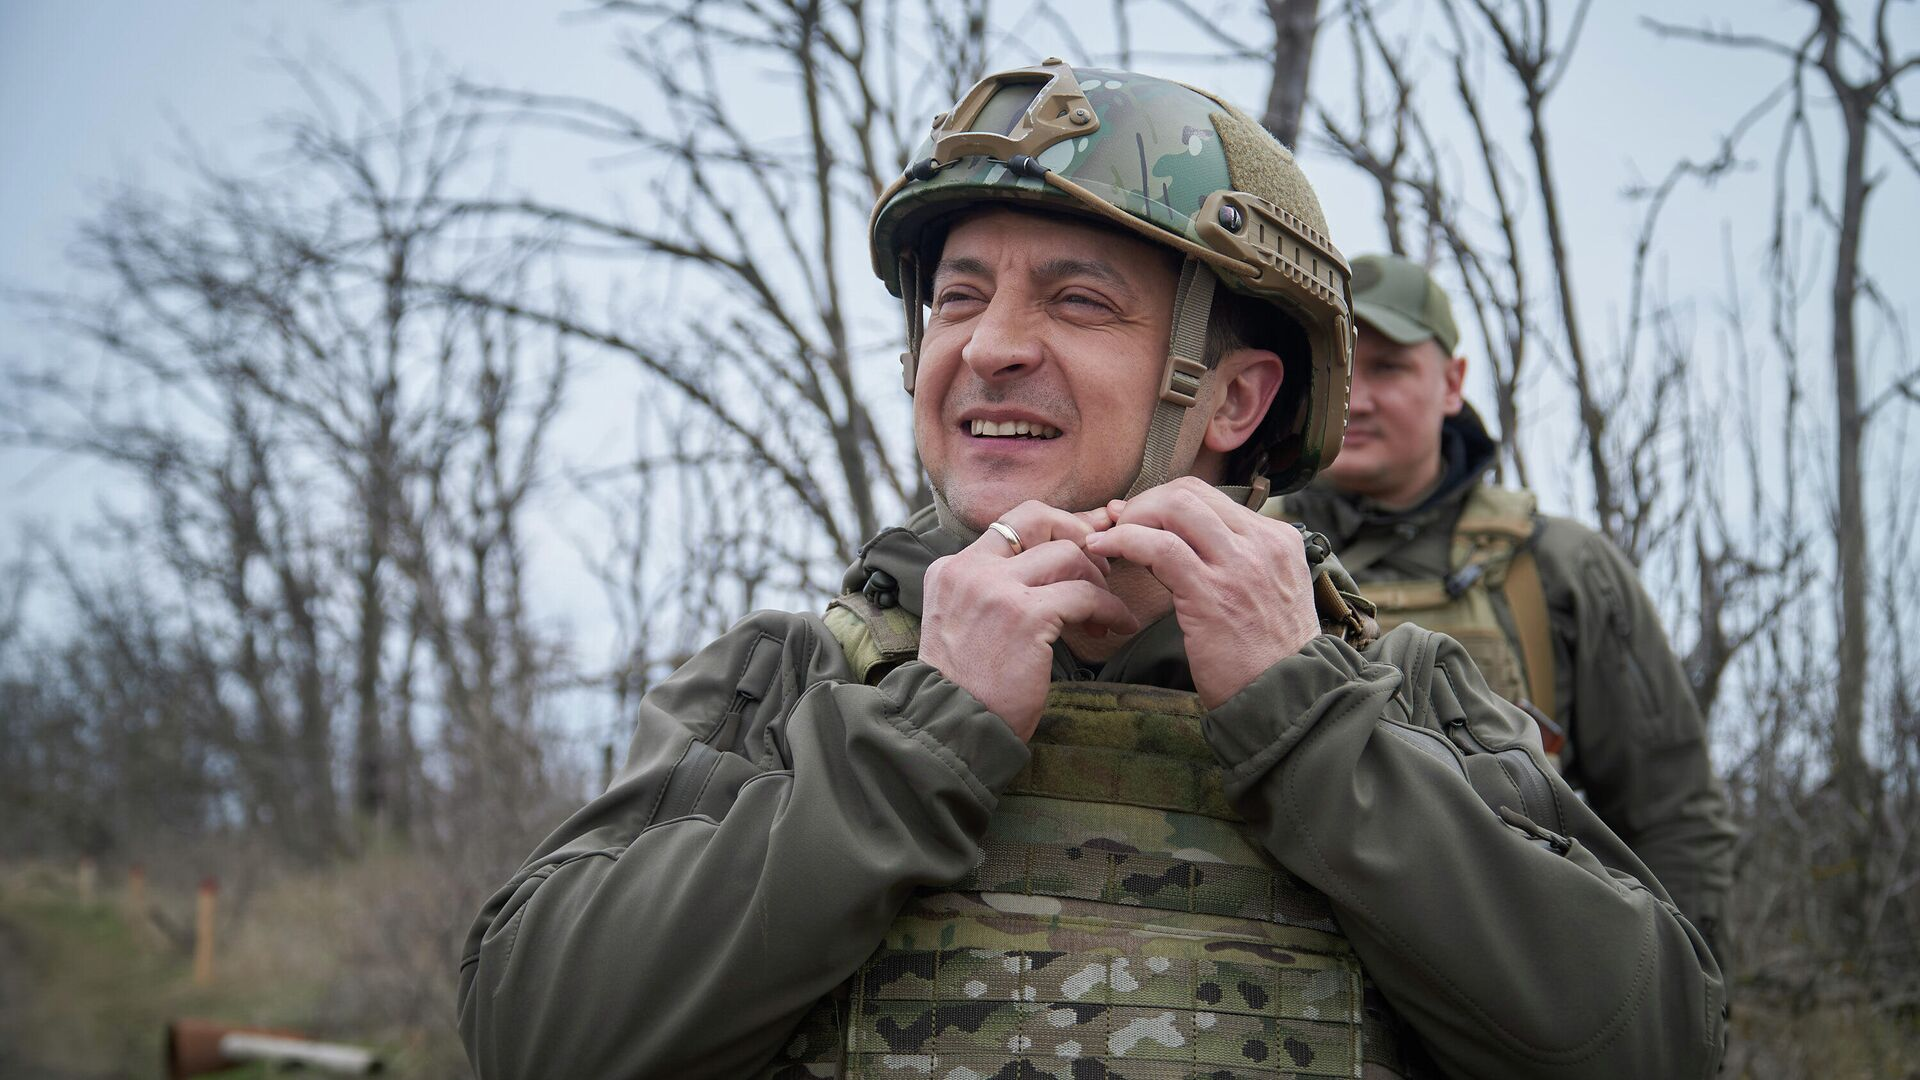 Президент Украины Владимир Зеленский во время посещения позиций украинских войск в Донбассе - РИА Новости, 1920, 08.05.2021